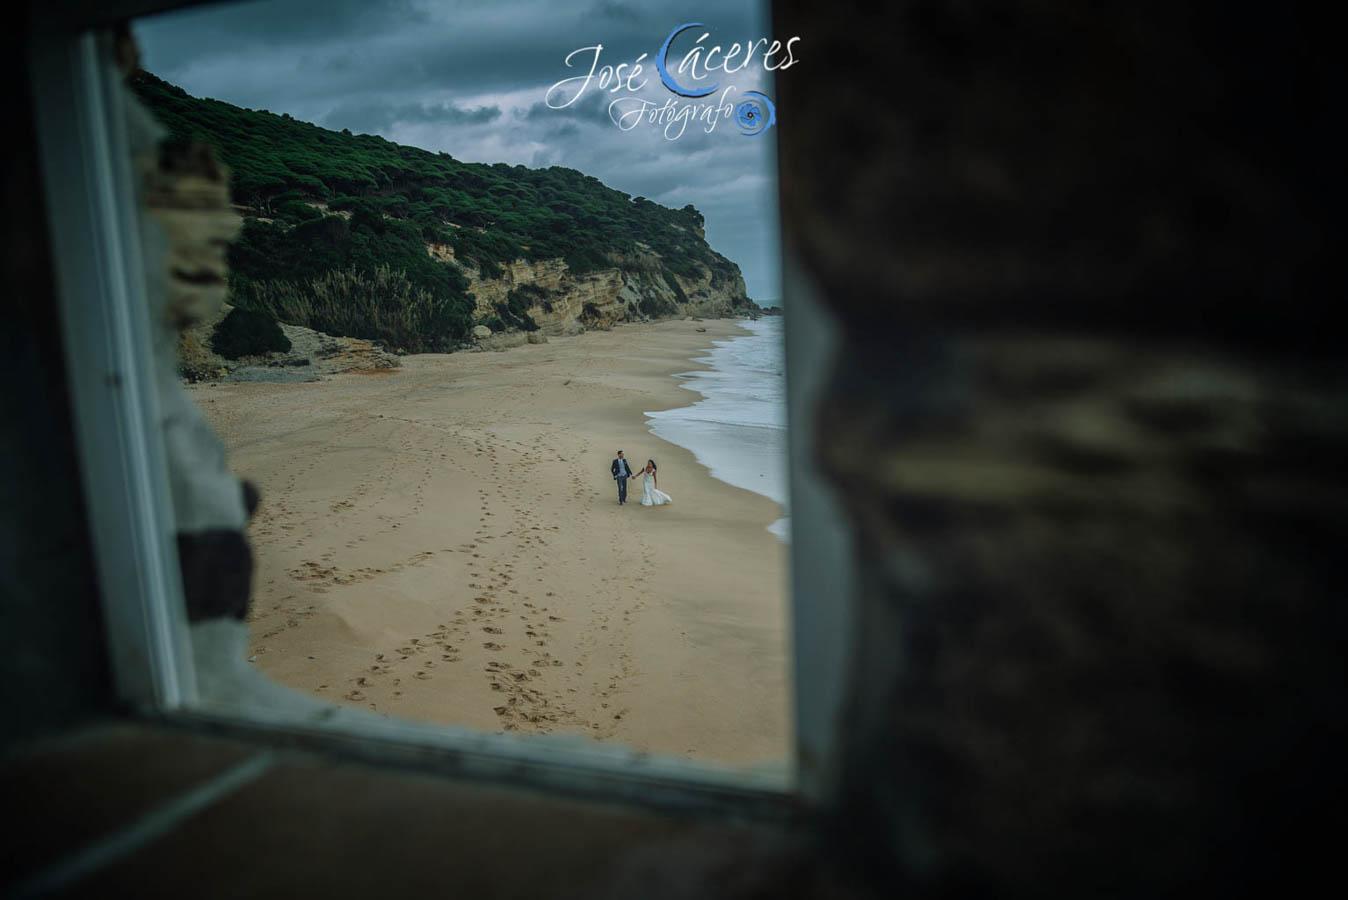 Sesion fotografica de jose caceres fotografia, post boda leticia y jose luis, playas-14